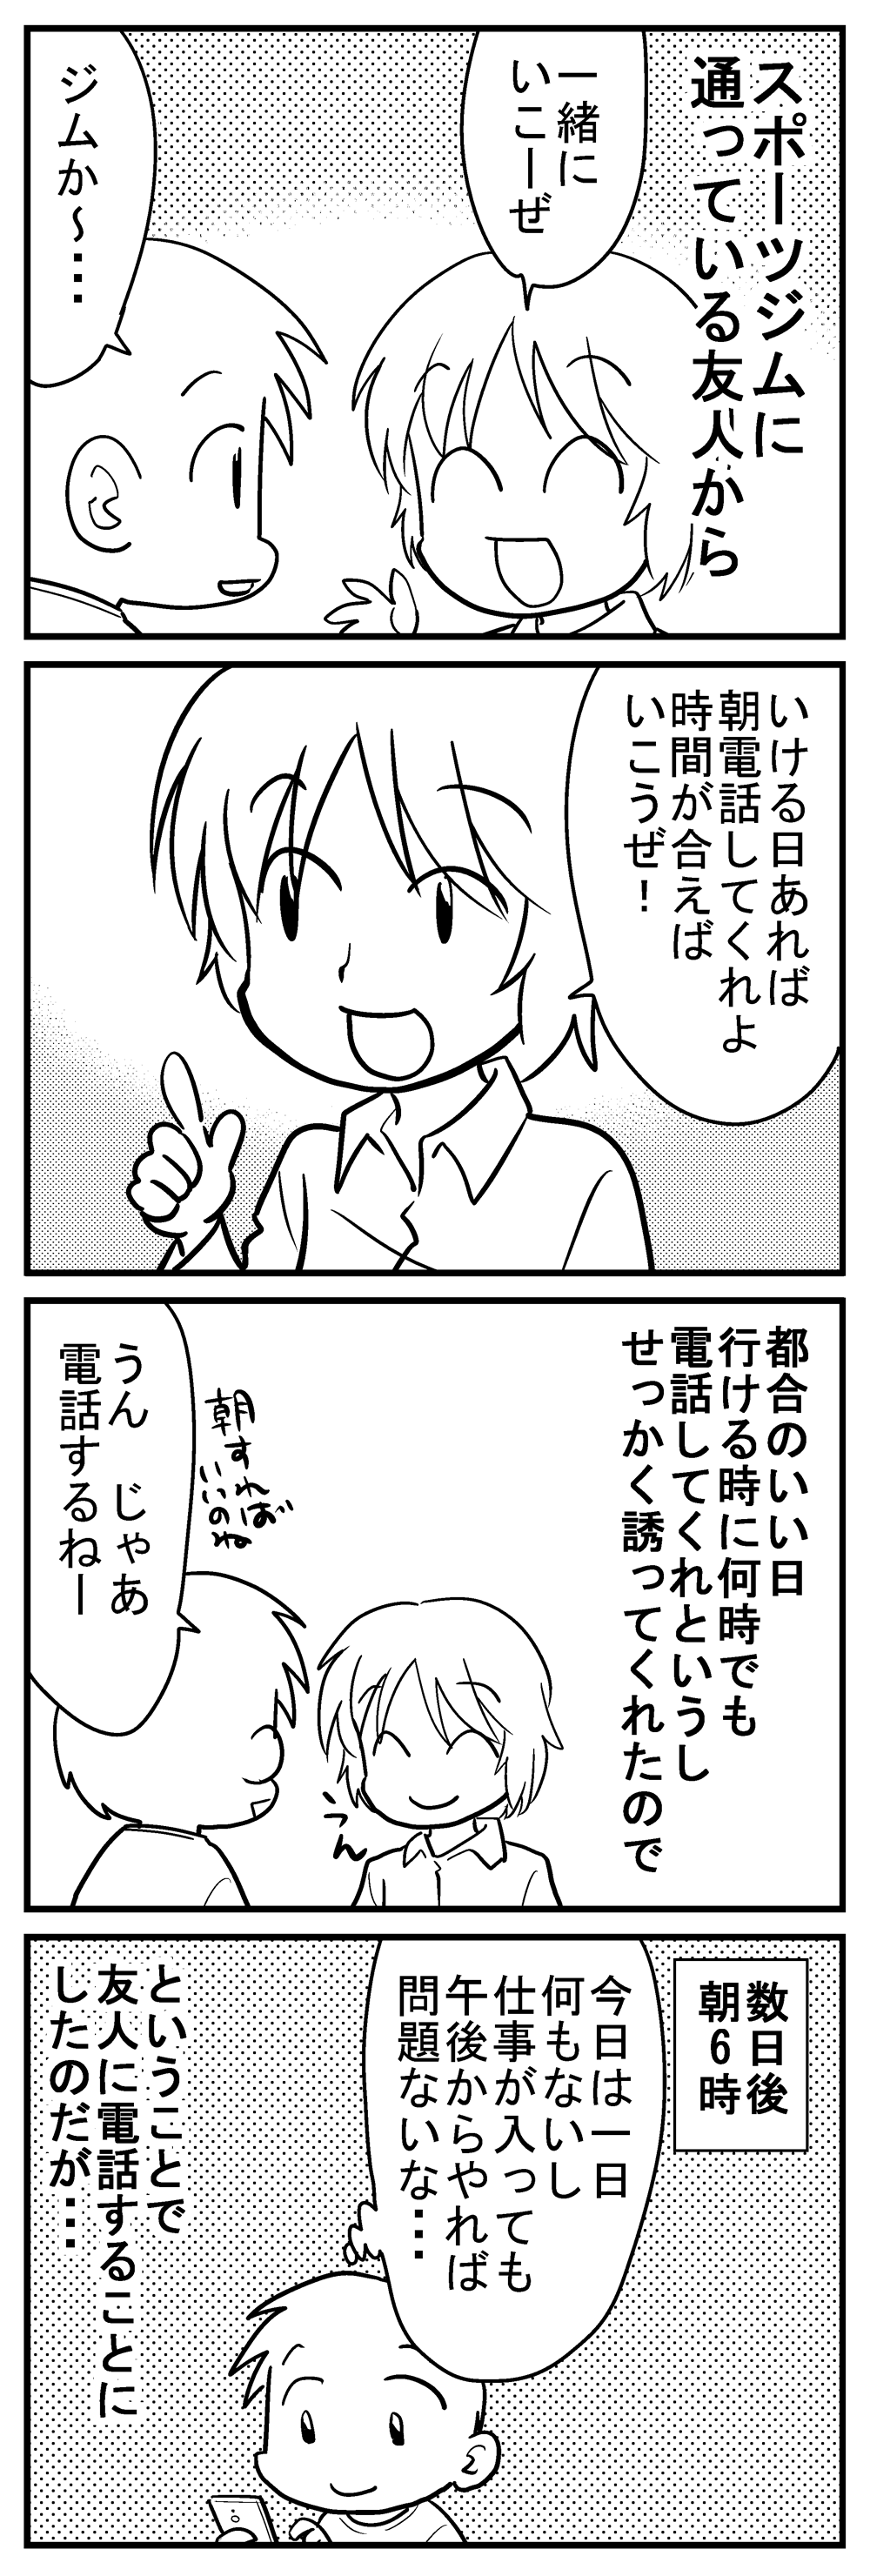 深読みくん137 1